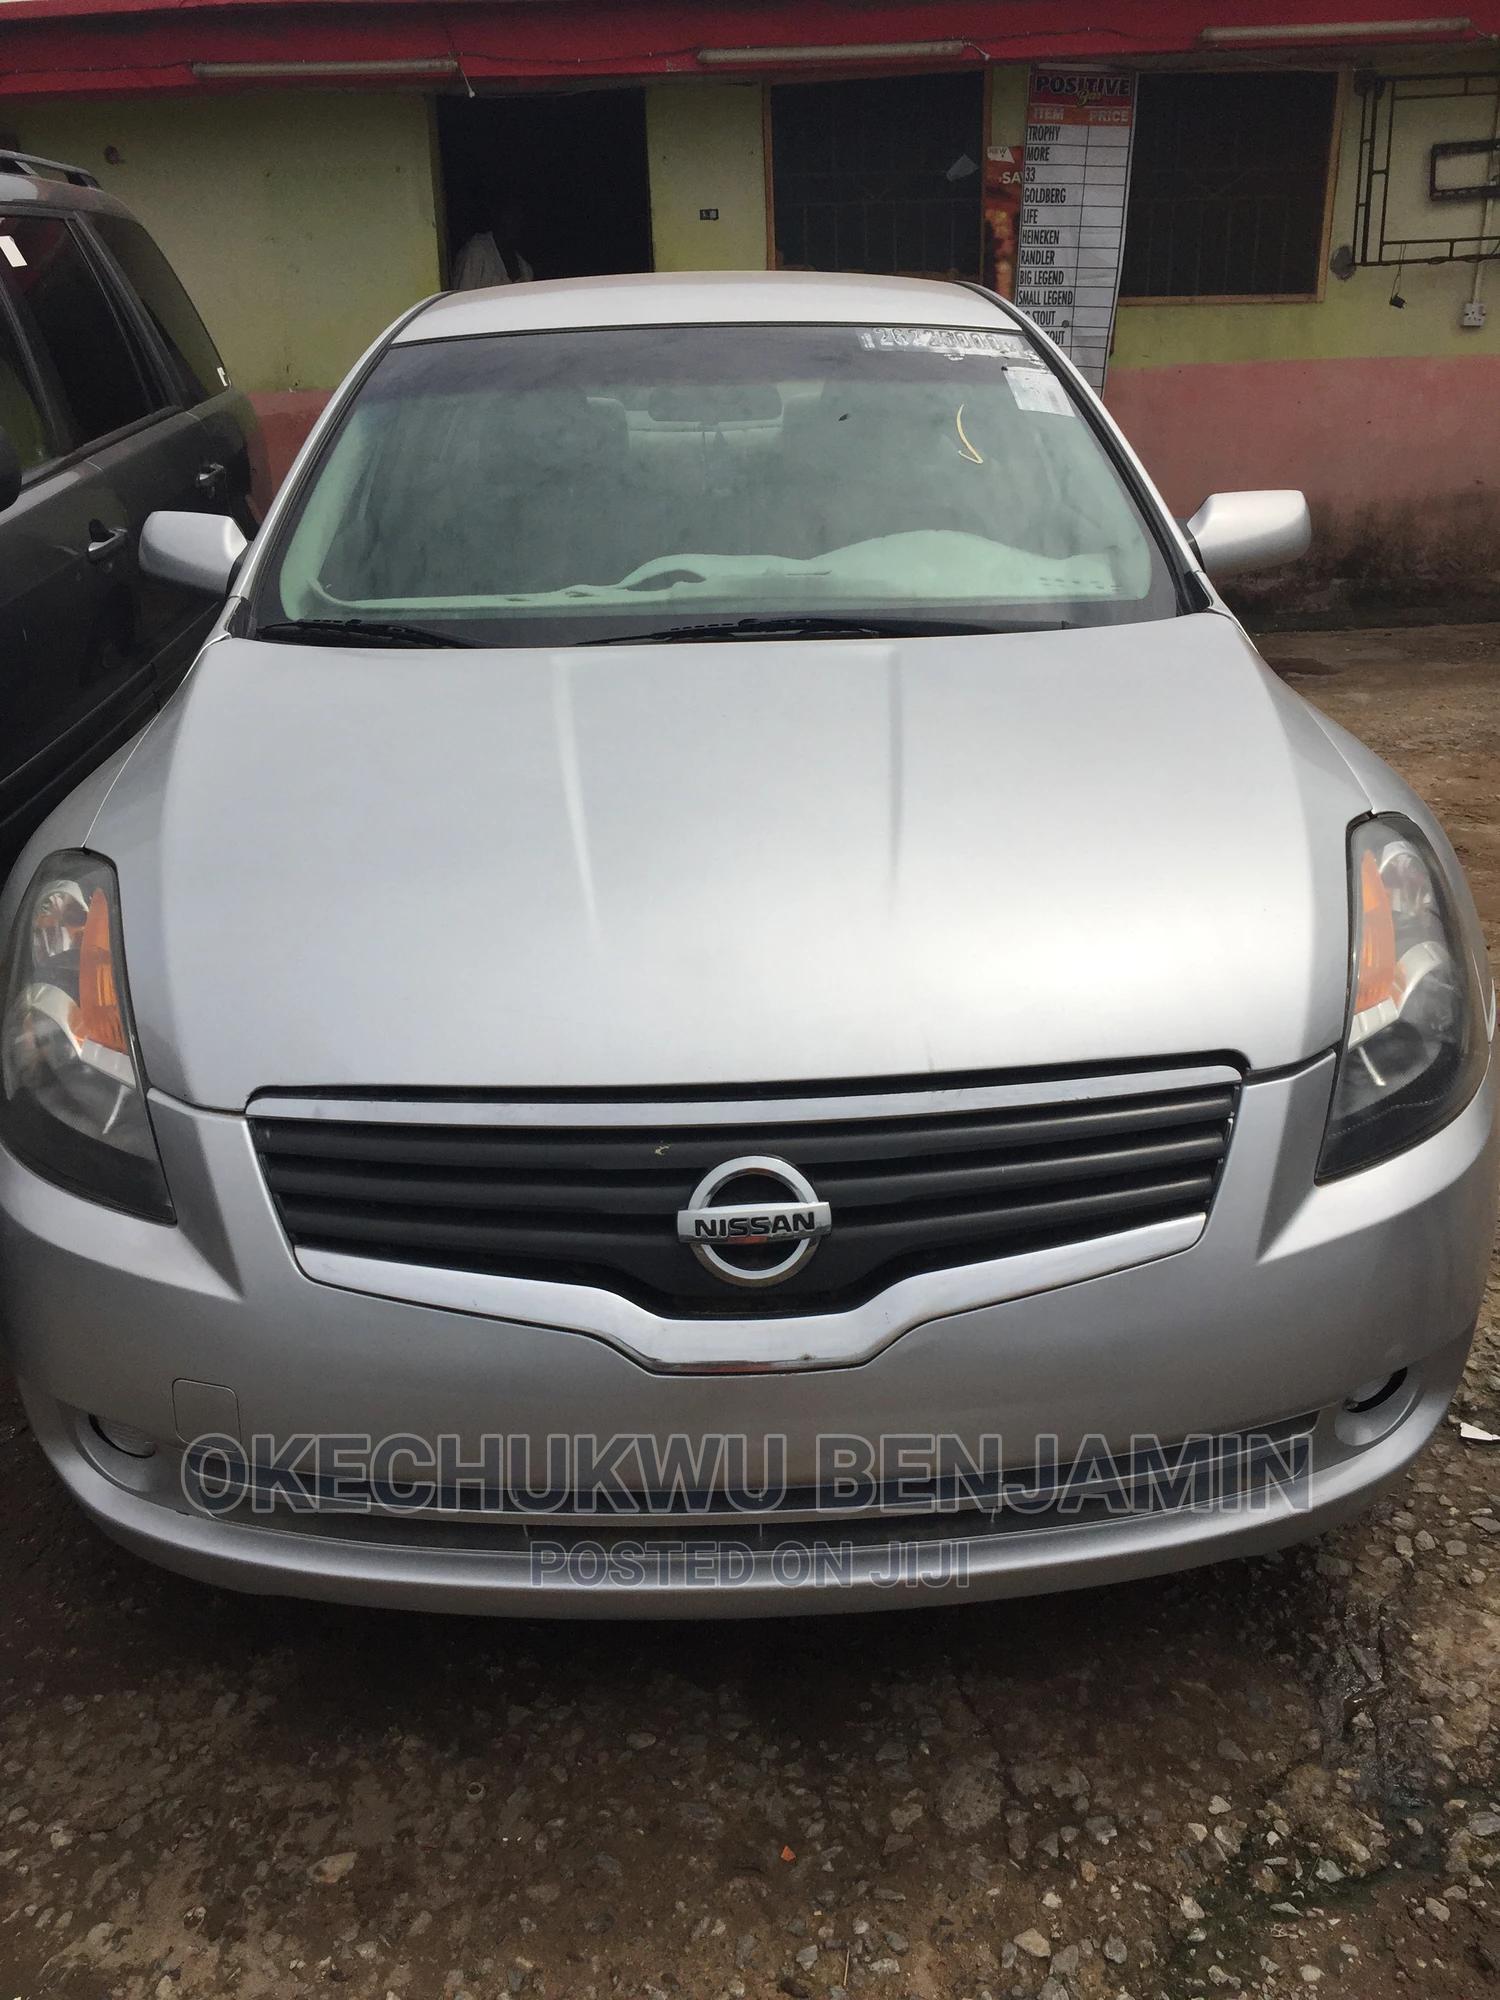 Archive: Nissan Altima 2007 2.5 S Silver